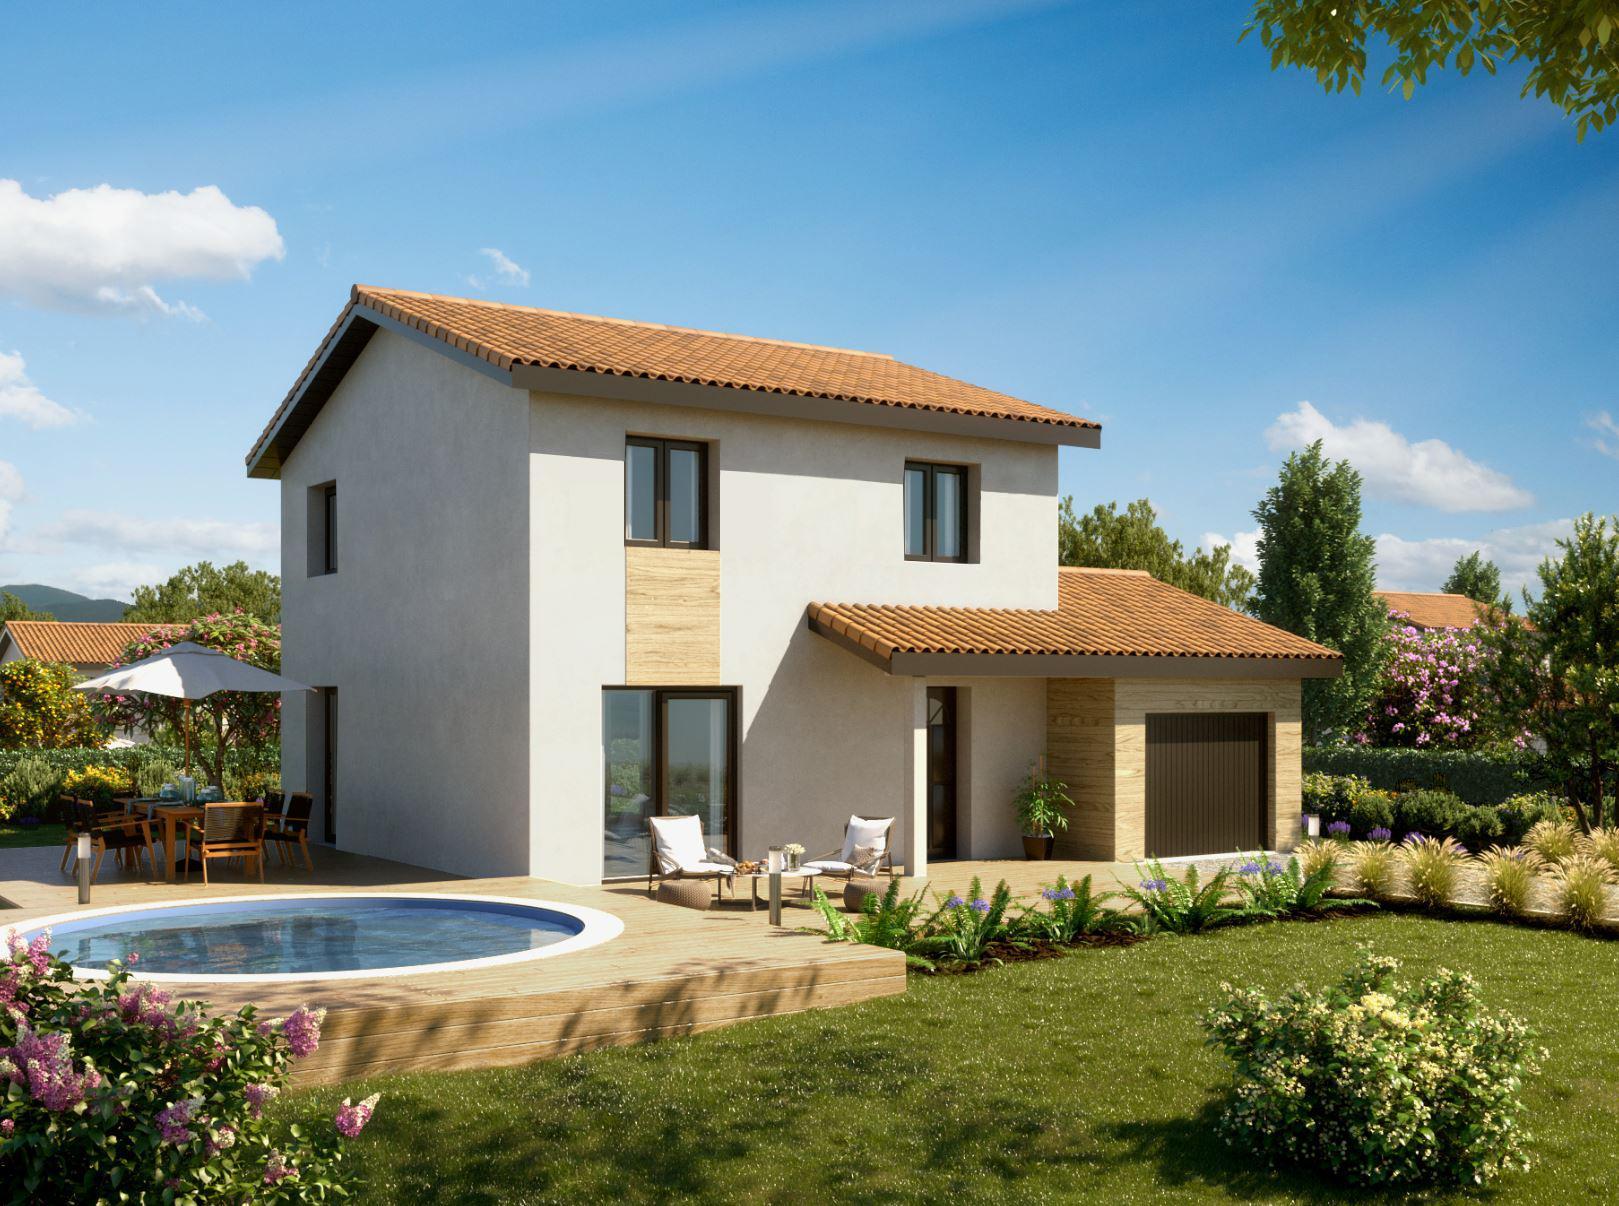 Maisons + Terrains du constructeur MAISONS PUNCH • 79 m² • MATOUR